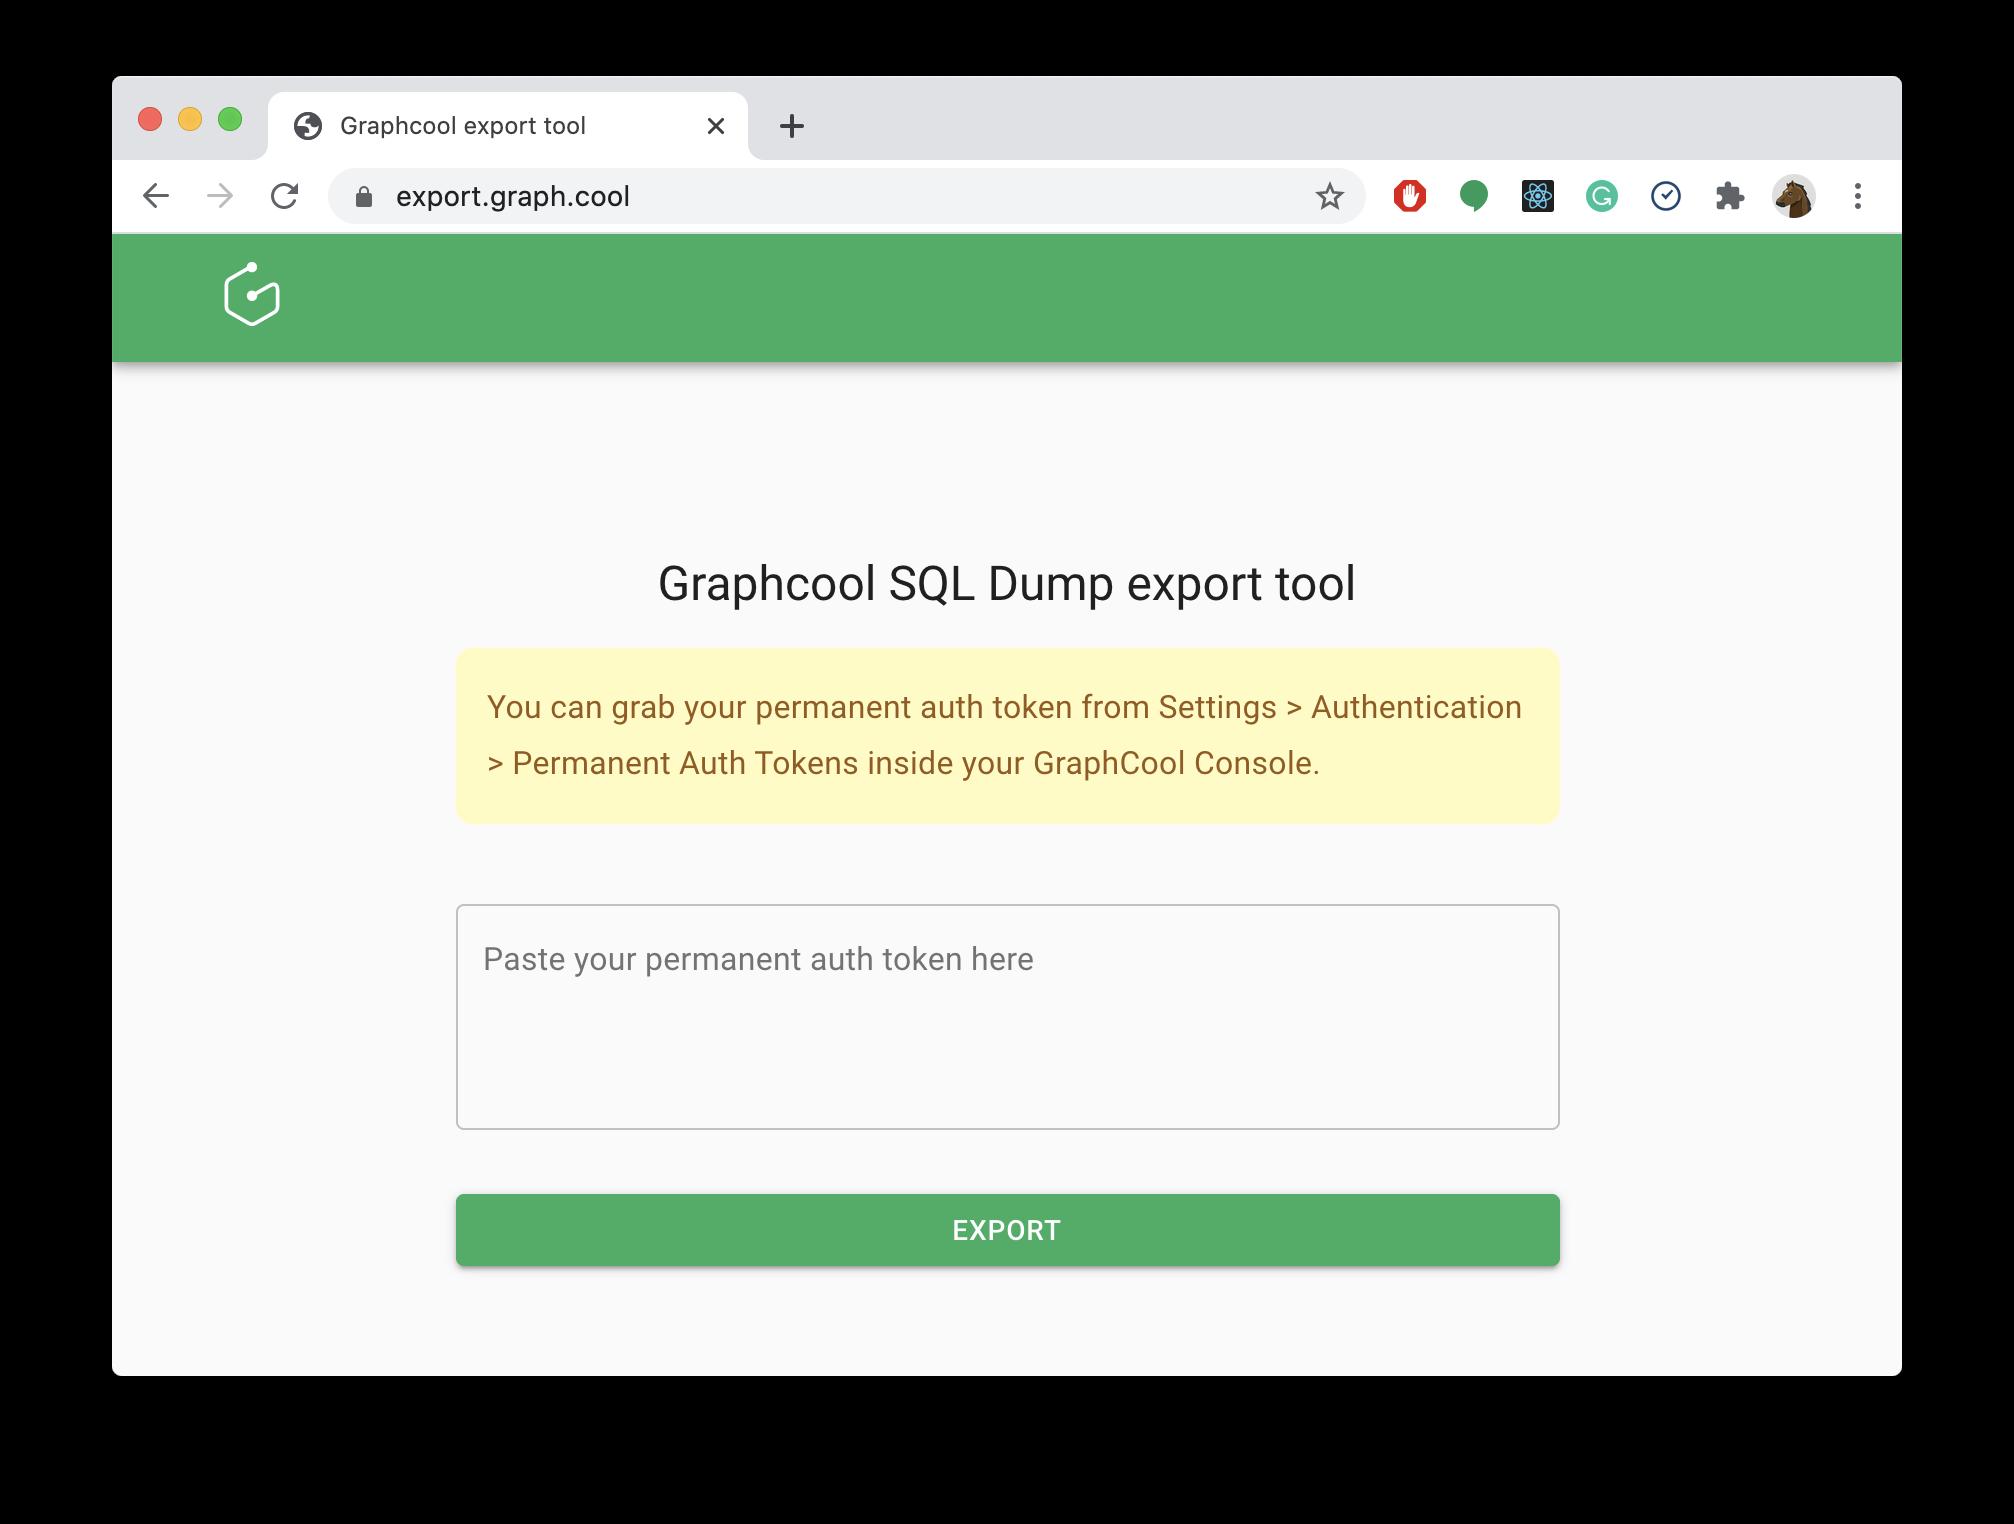 Graphcool SQL Dump export tool